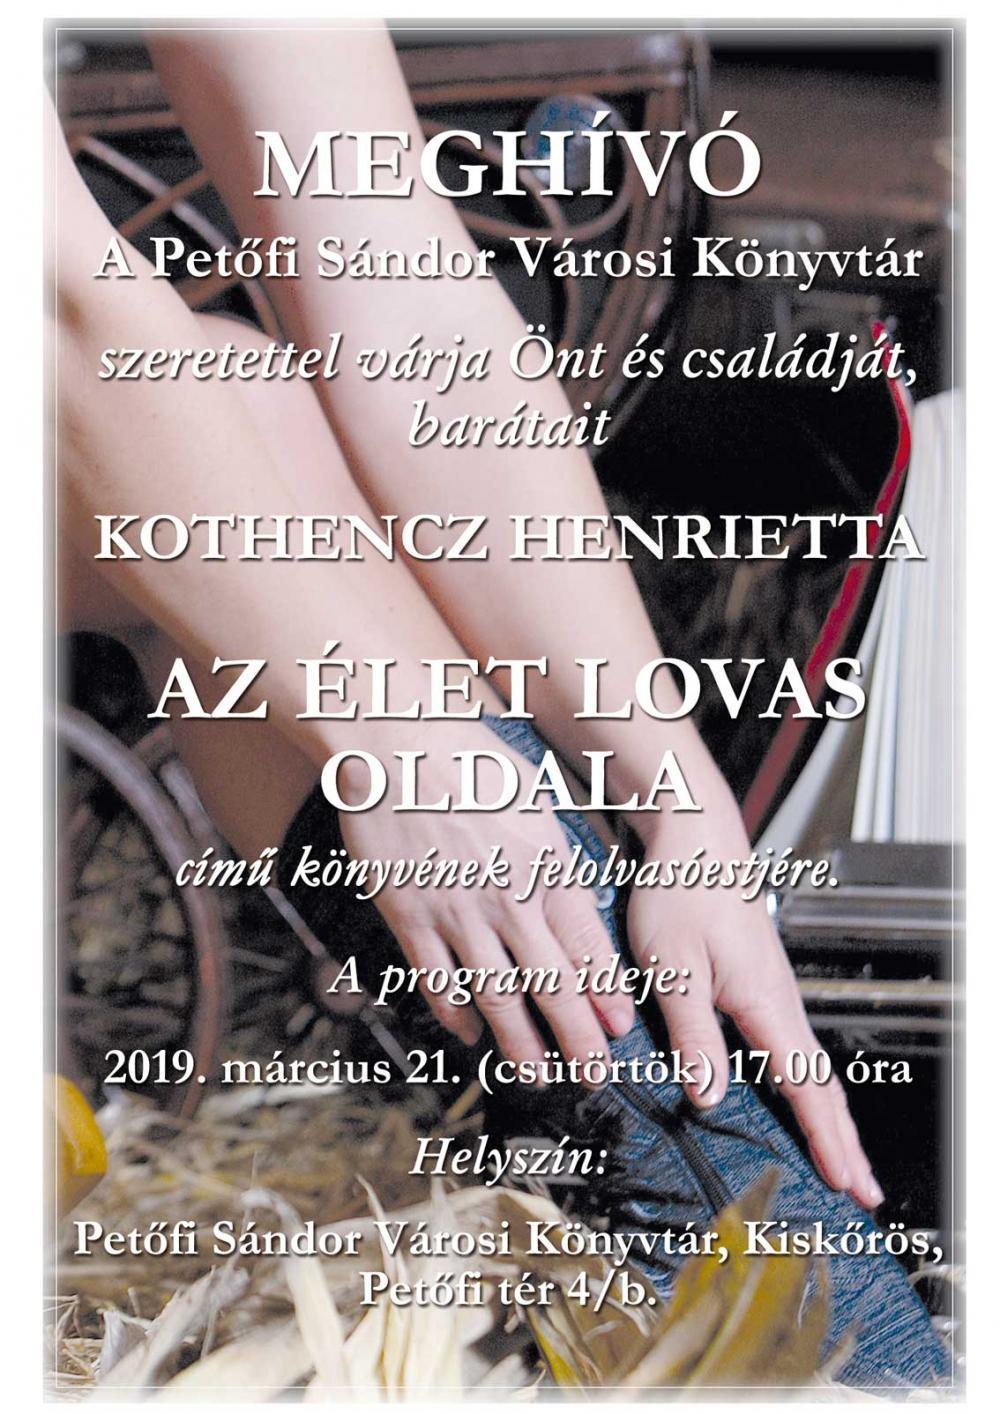 Felolvasóest - Kothencz Henrietta - Az élet lovas oldala